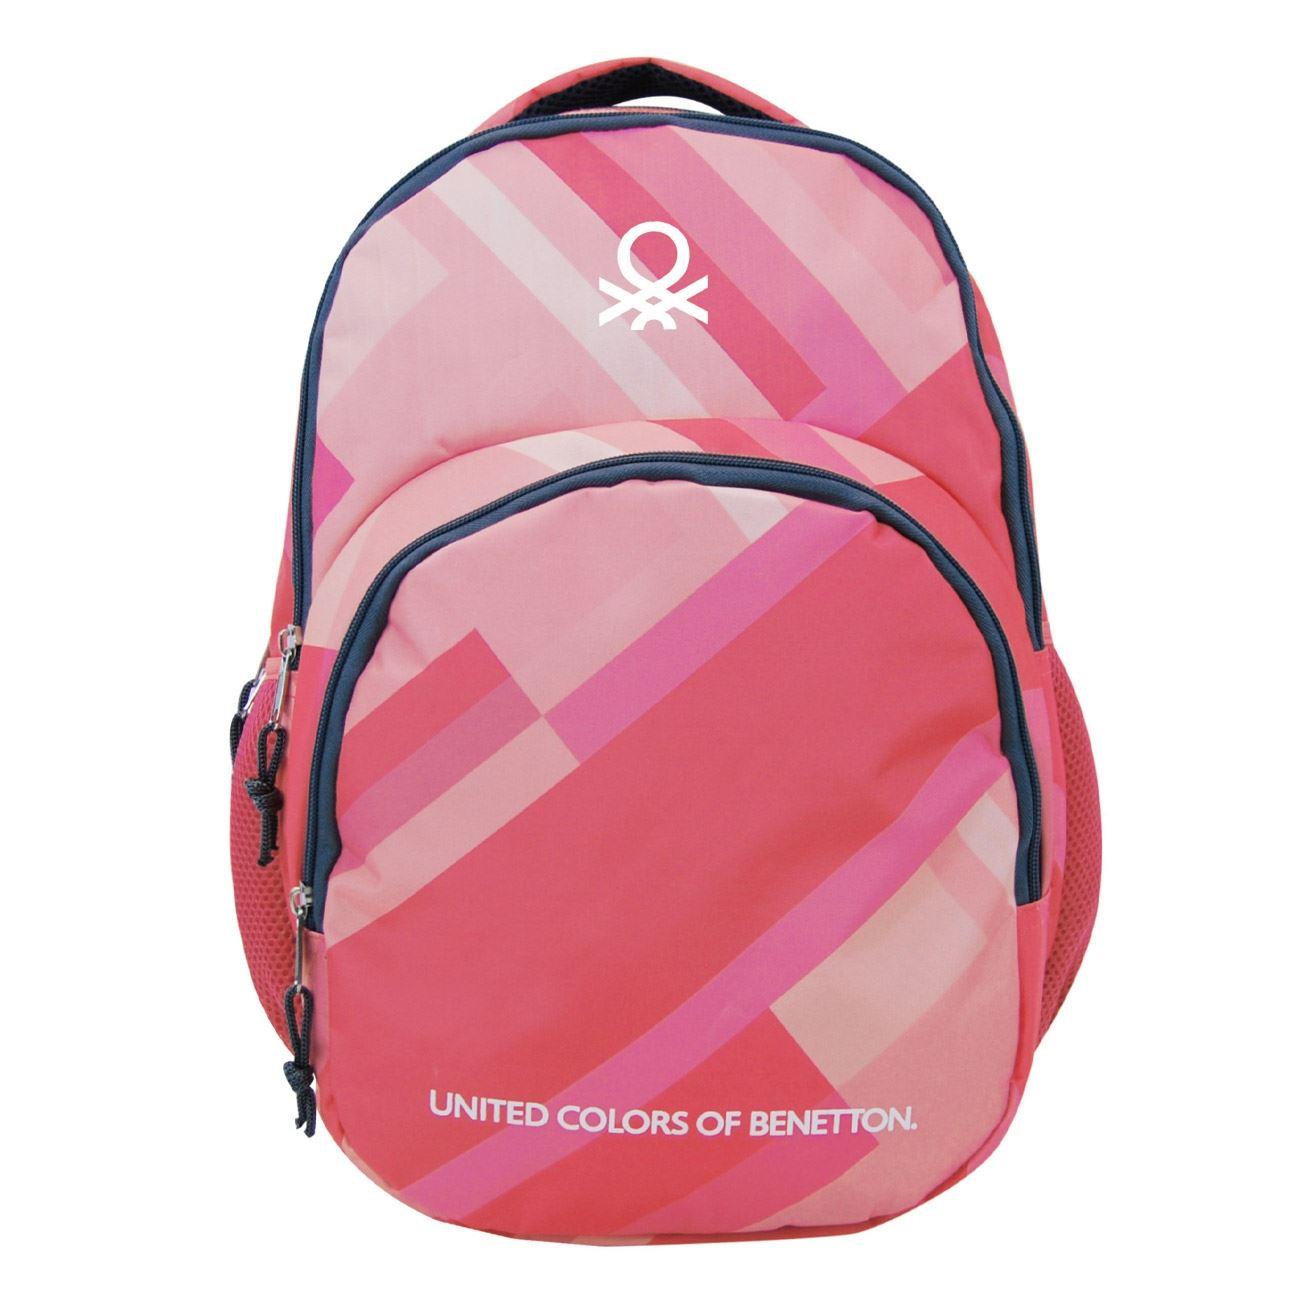 8a813970676 Σχολική Τσάντα - Πολυθεσιακό Σακίδιο Ροζ Benetton